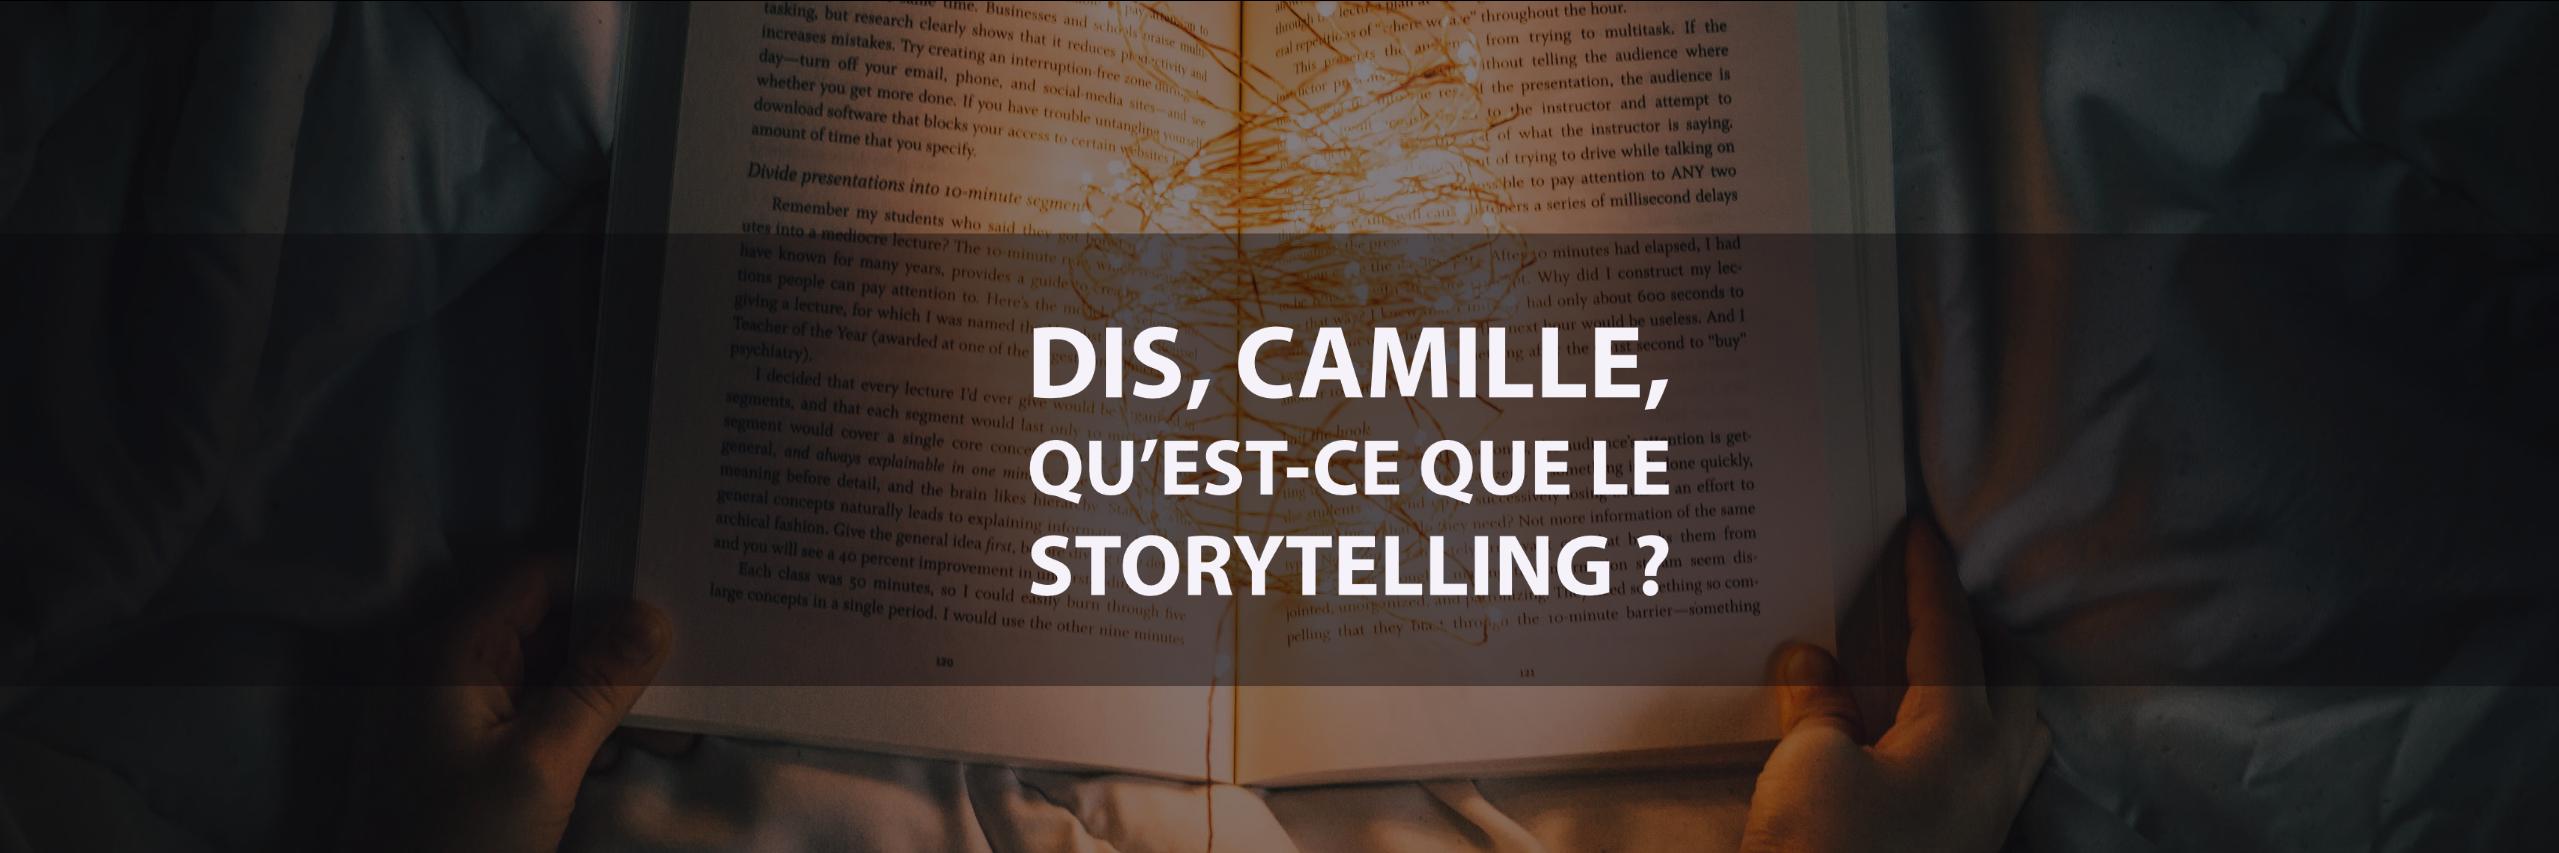 Qu'est-ce que le Storytelling ?